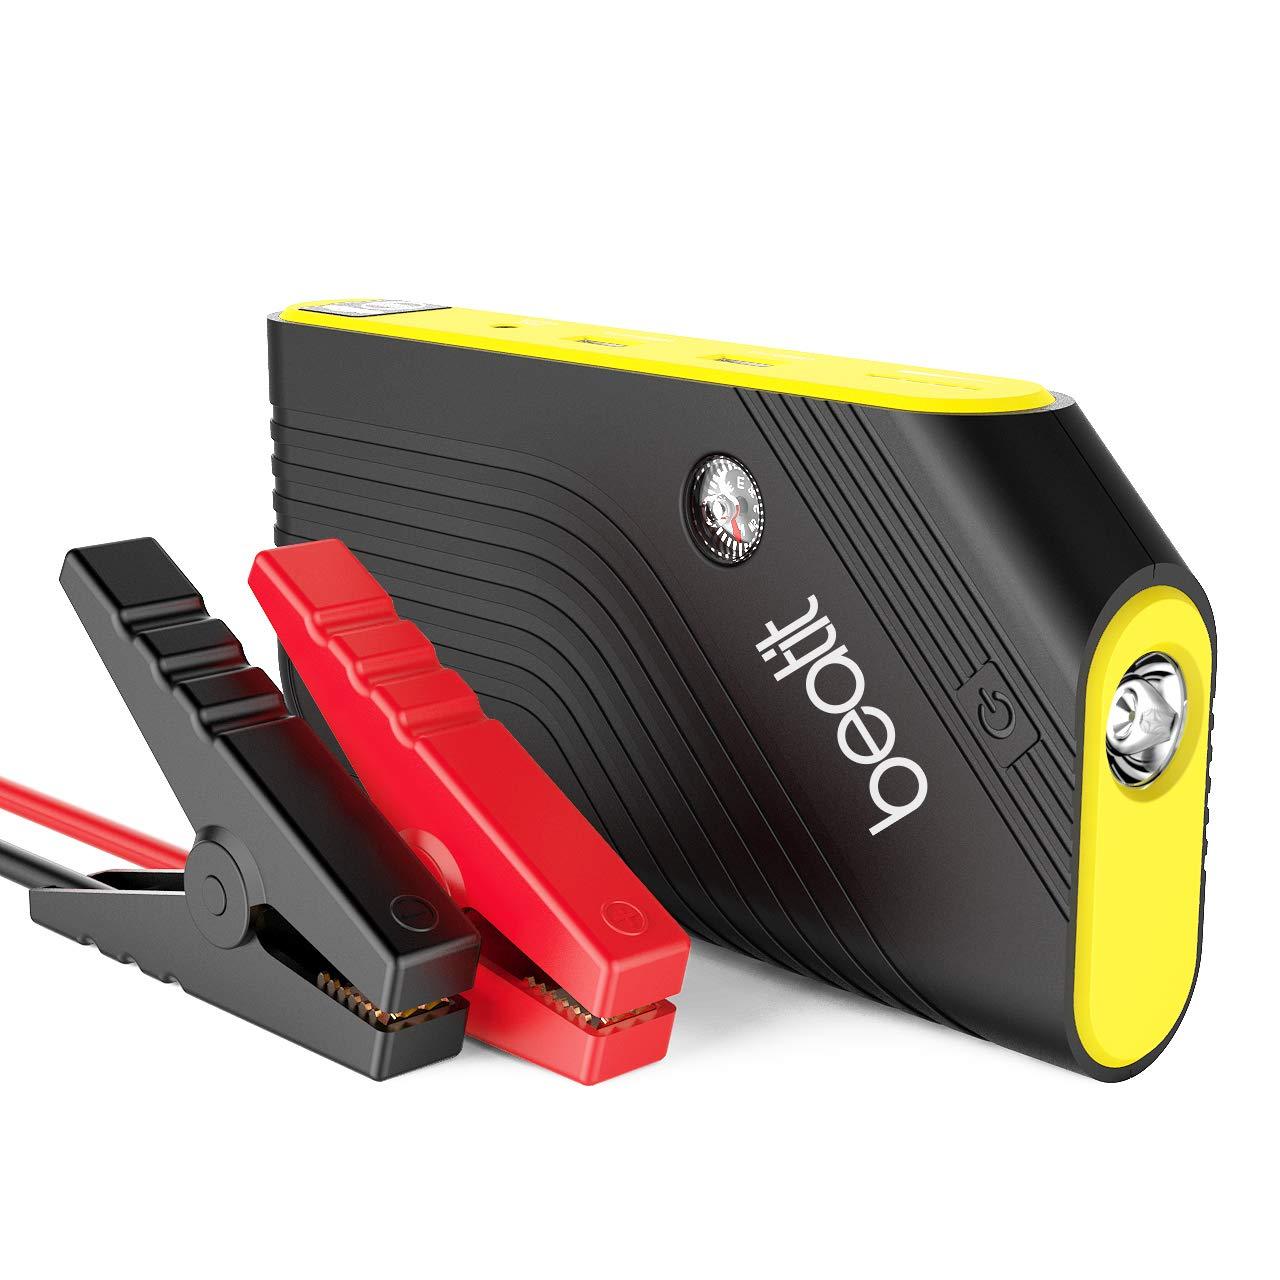 600A Auto Starthilfe Tragbare BEATIT Jump Starter (bis zu 5.5L Benzin, 4.0L Diesel) Starthilfe Power Pack Starthilfe Powerbank 14000mAh Dual USB Ausgä nge mit Kompass, LED Taschenlampe SOS B9